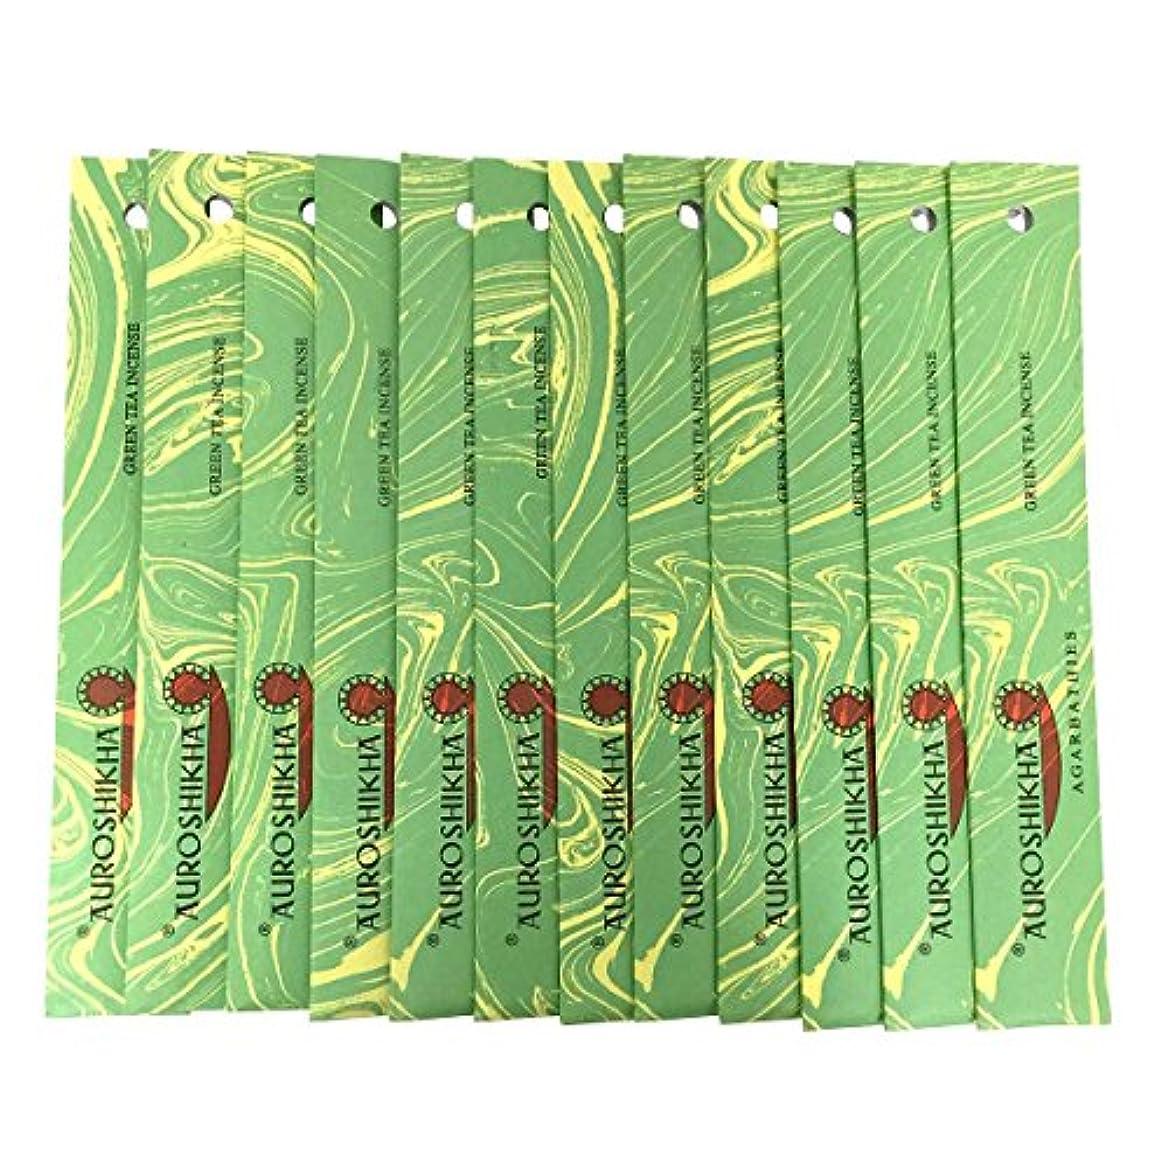 ストライプ童謡罪AUROSHIKHA オウロシカ(GREENTEAグリーンティー12個セット) マーブルパッケージスティック 送料無料